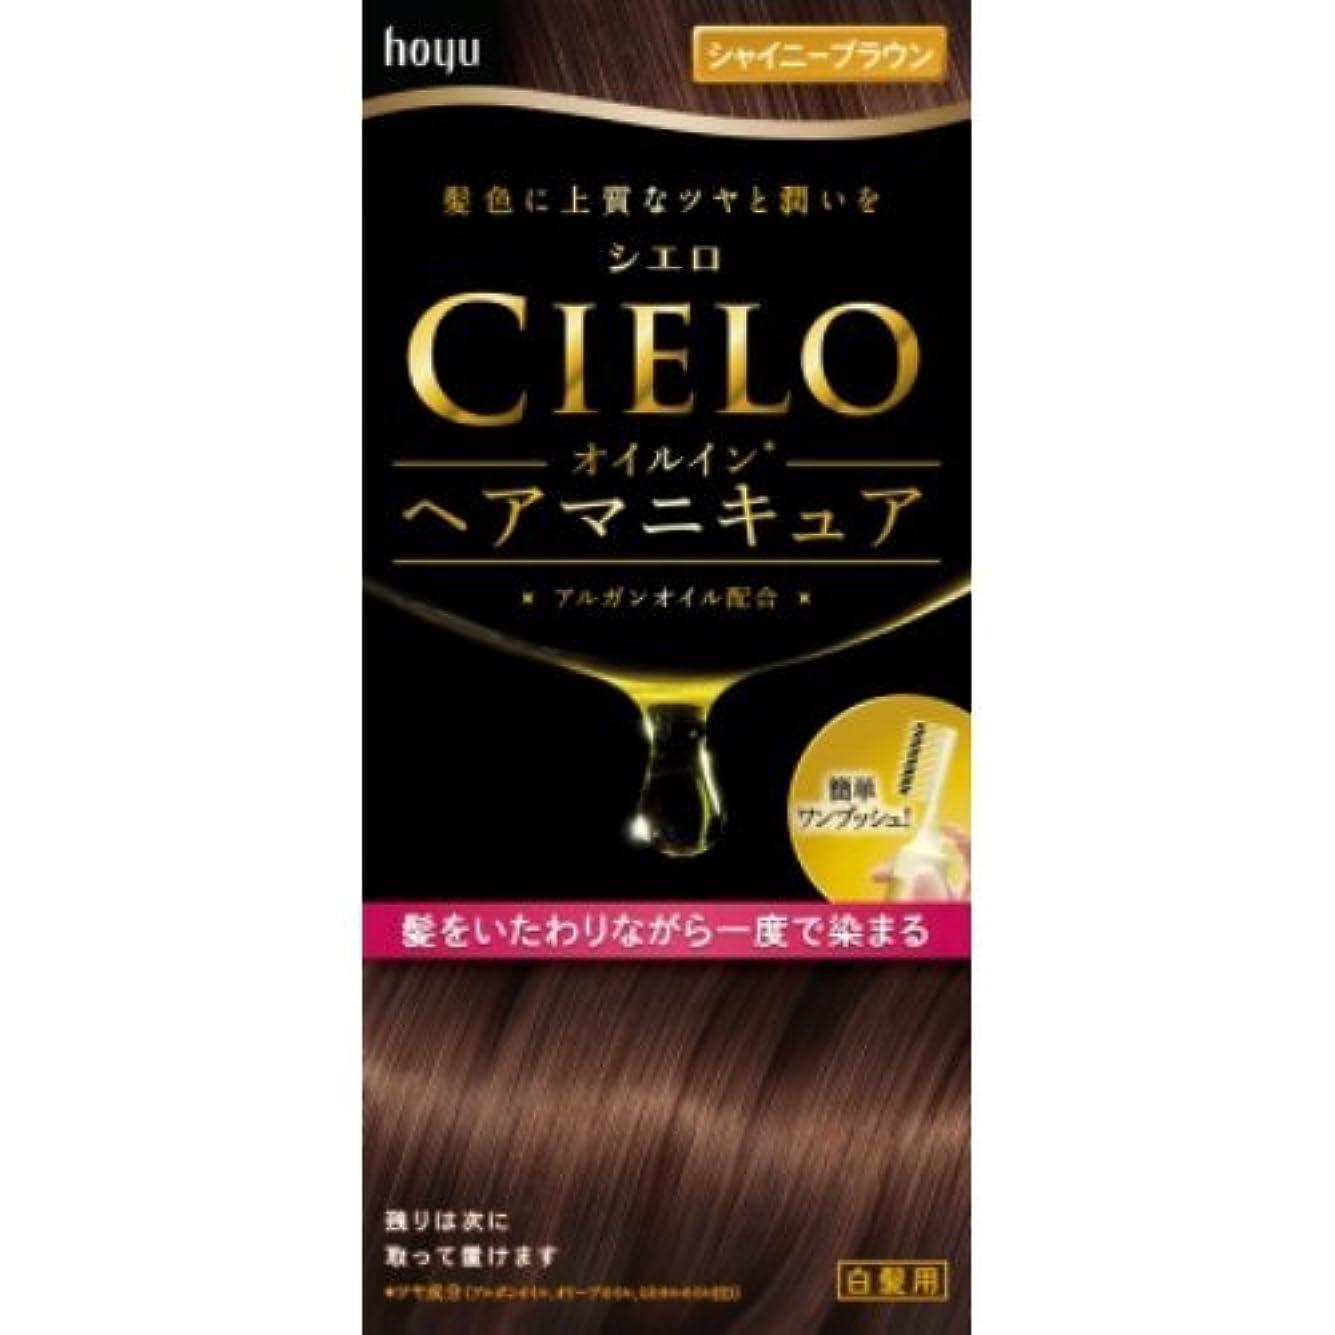 奇跡的なつまらない実験シエロ オイルインヘアマニキュア シャイニーブラウン × 5個セット